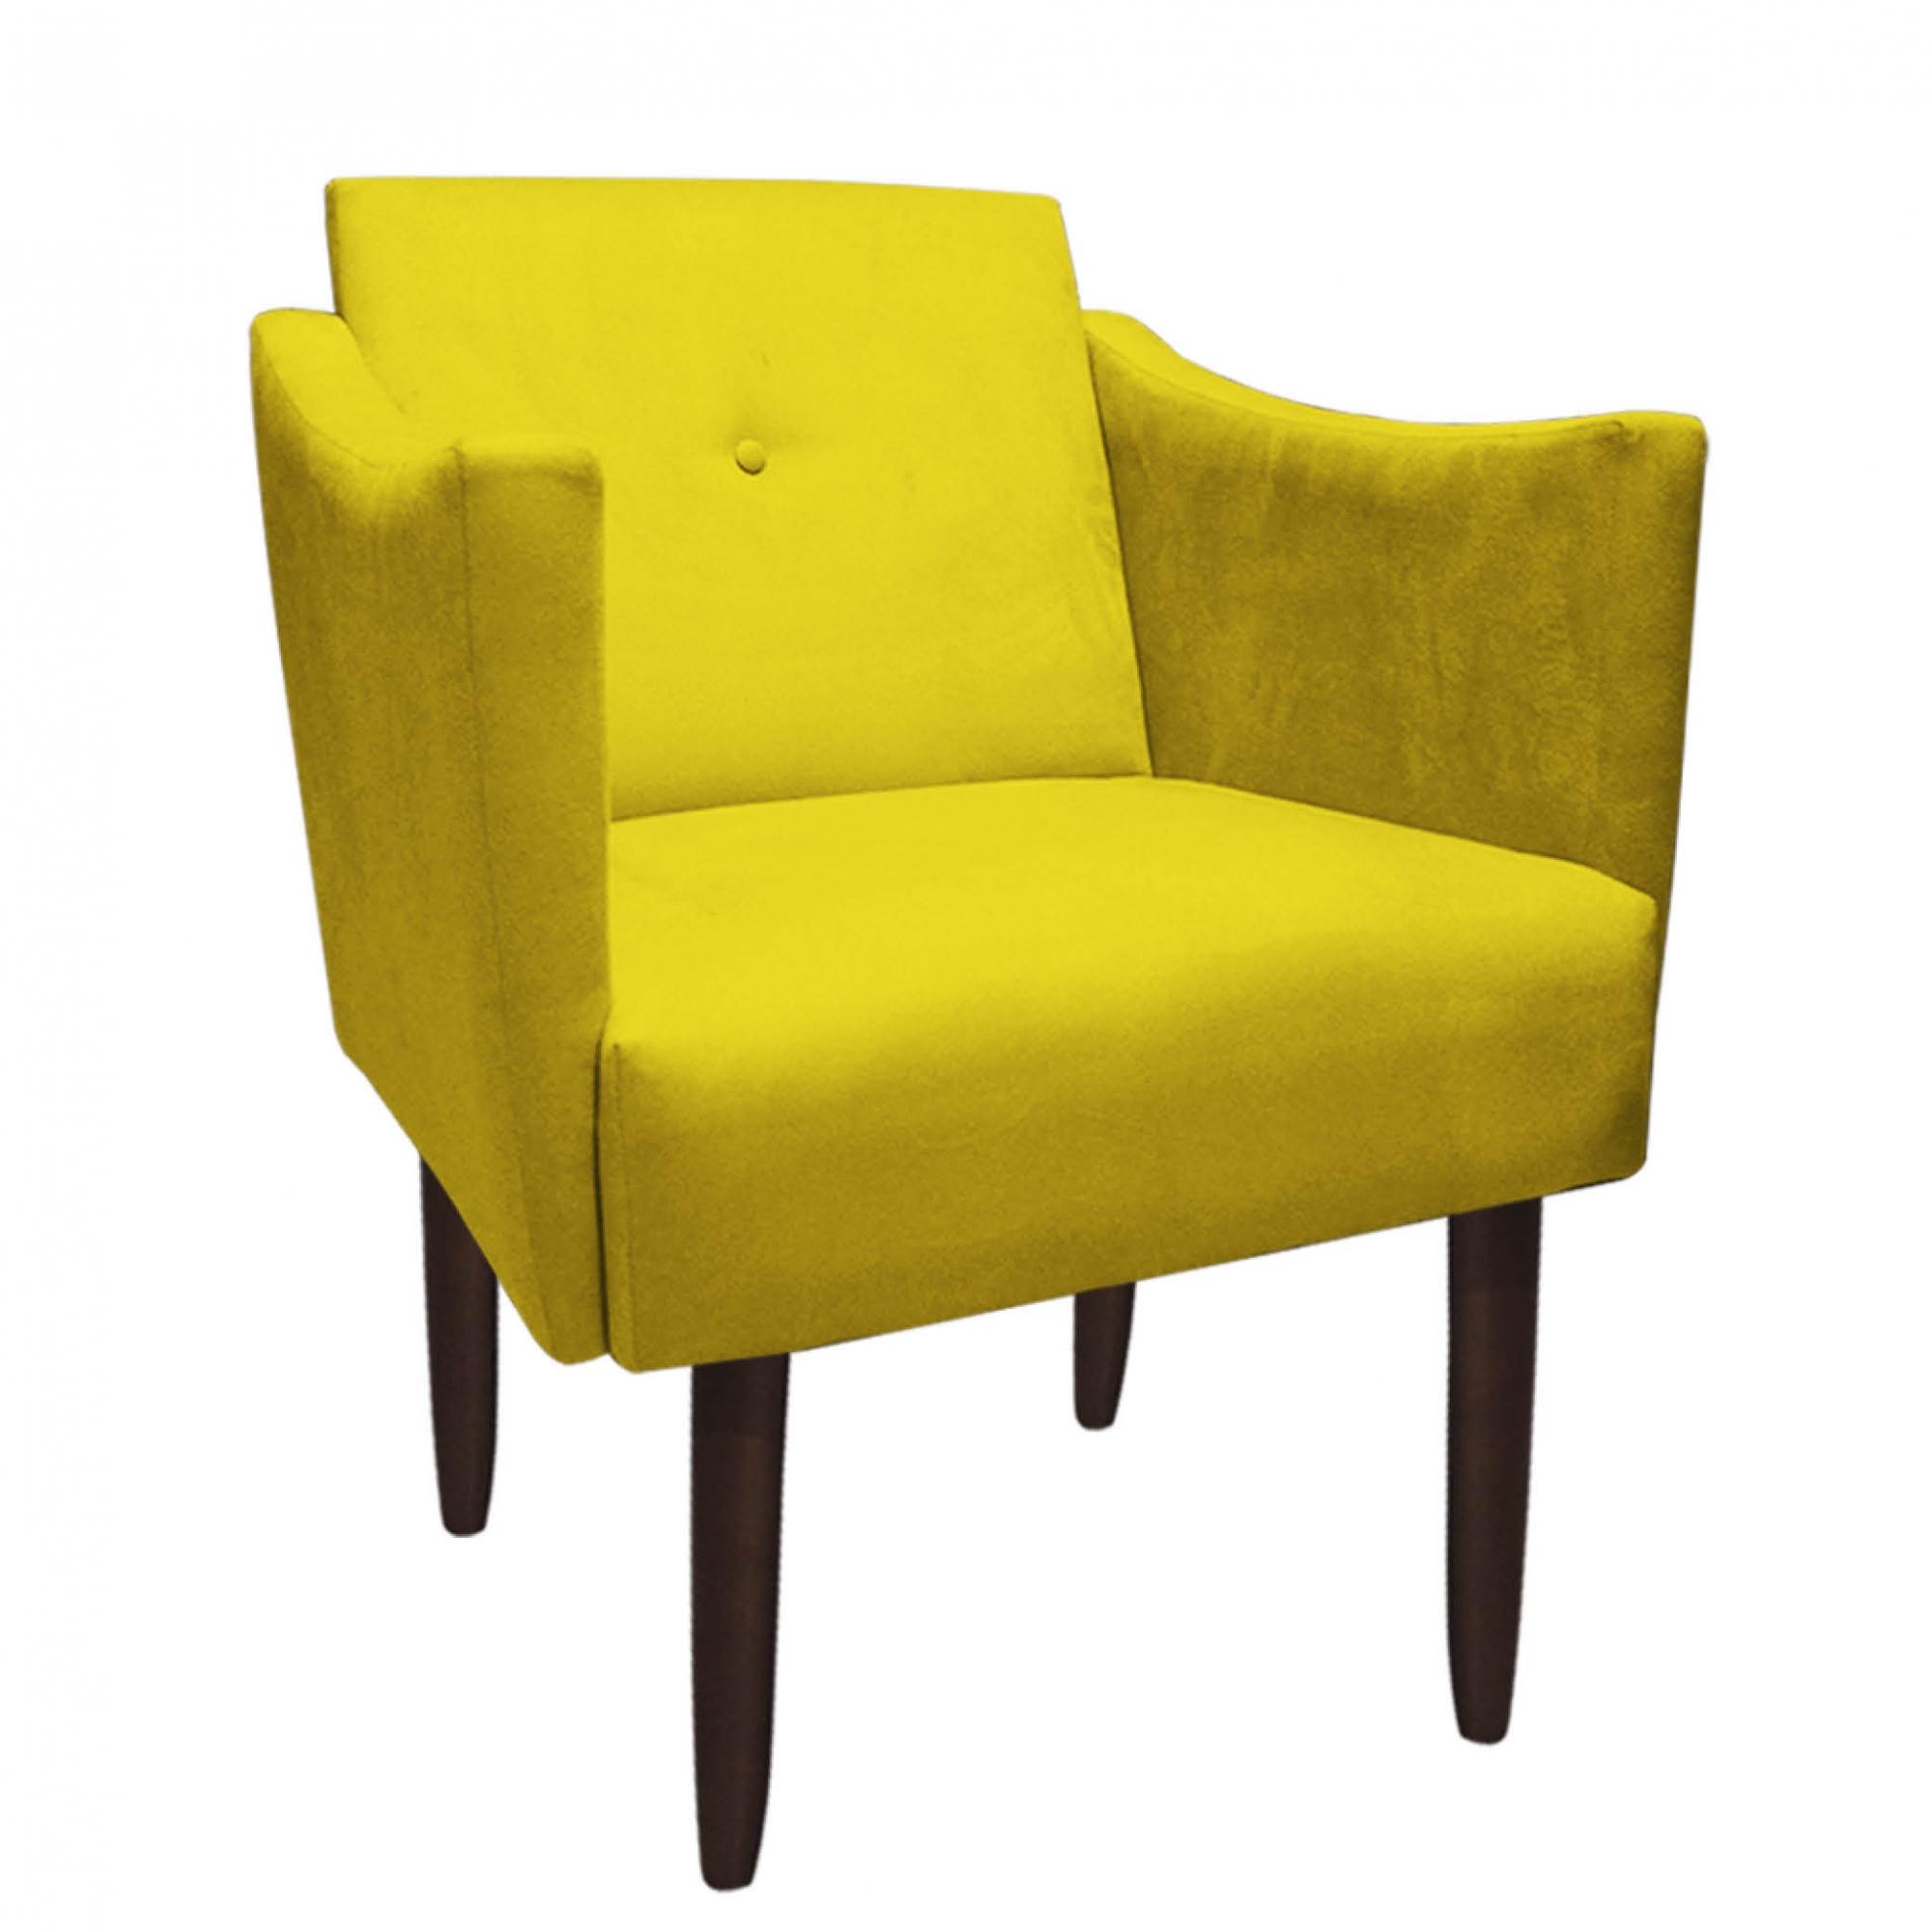 Kit 5 Poltrona Naty Decoração Clínica Salão Cadeira Recepção Escritório Sala Estar  D'Classe Decor Suede Amarelo